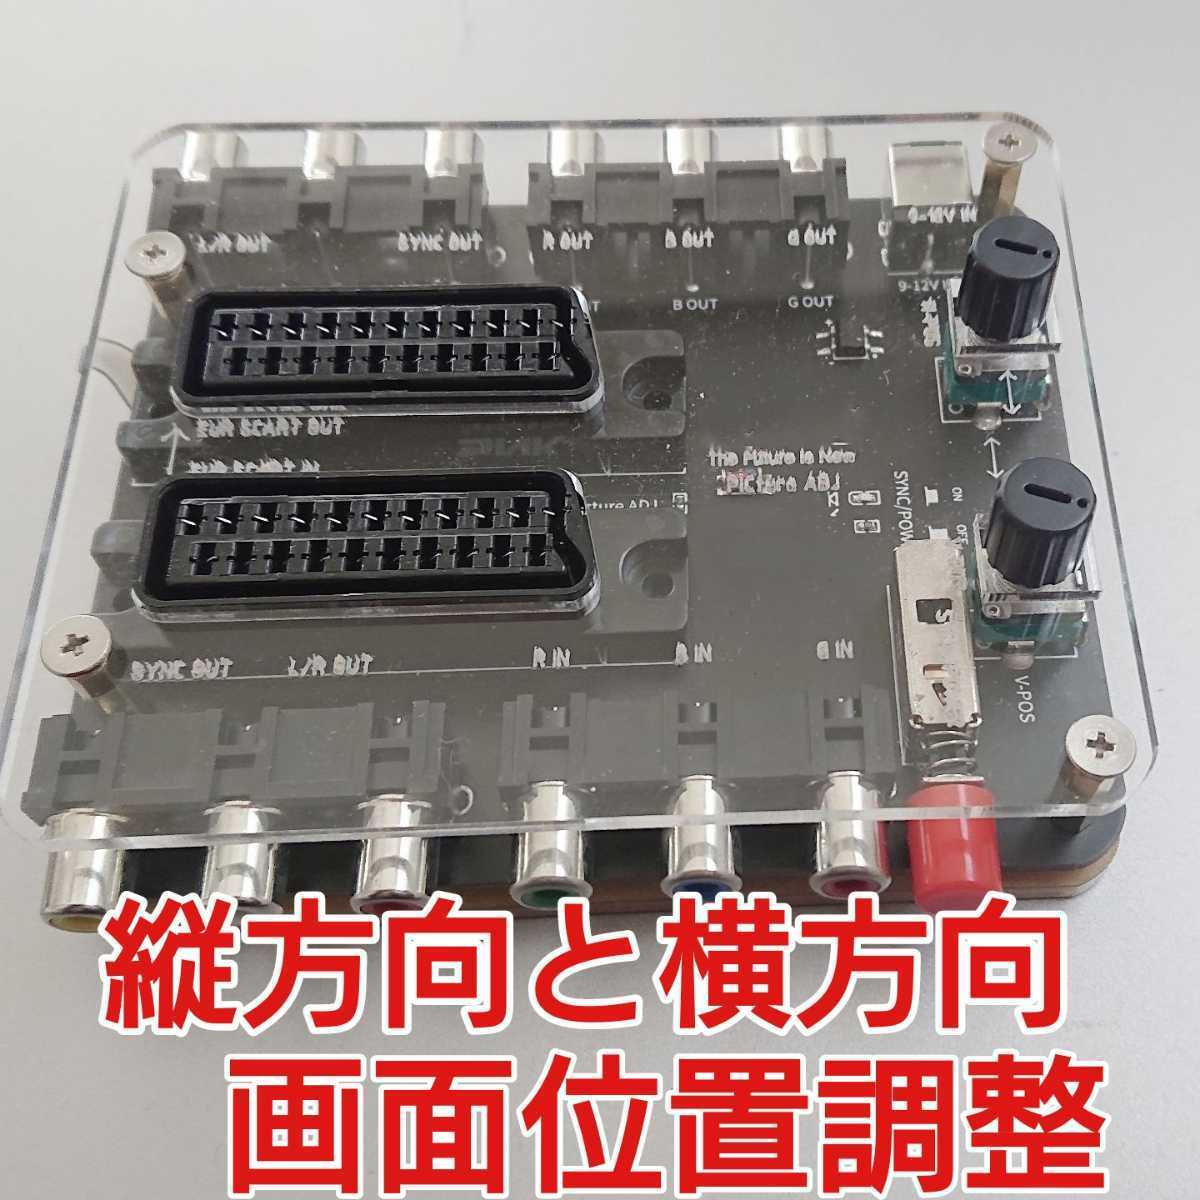 コントロールボックスに対応画面位置調整基板 15khz対応 SCART規格のケーブルに対応 アーケードゲームJAMMA基板に 非RGB21ピン 位置調節